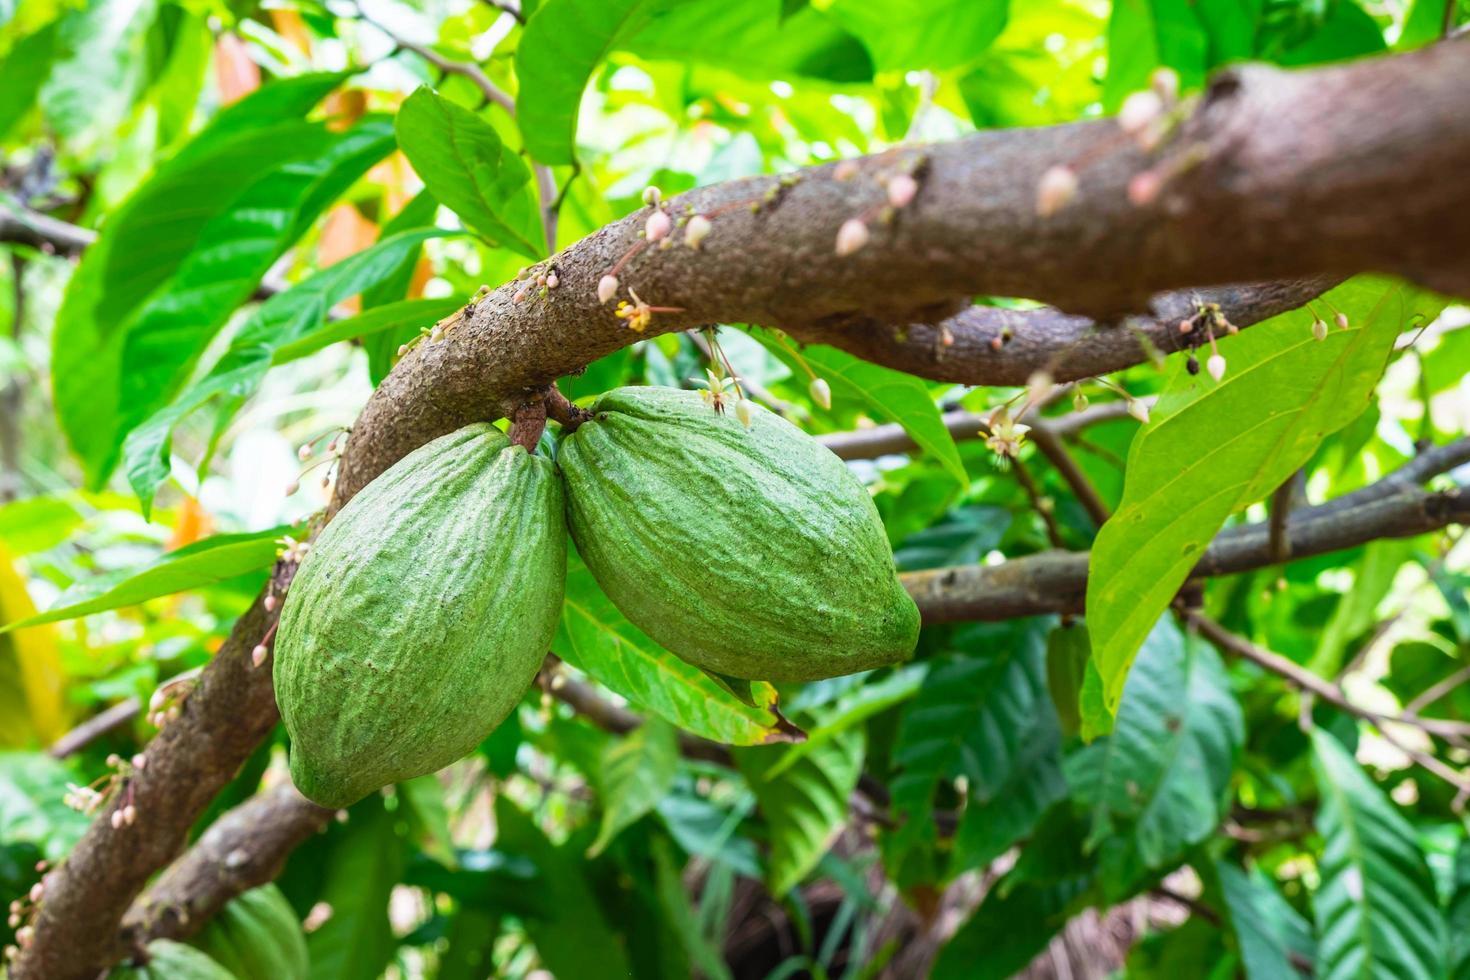 fruta de cacao en una rama de árbol foto